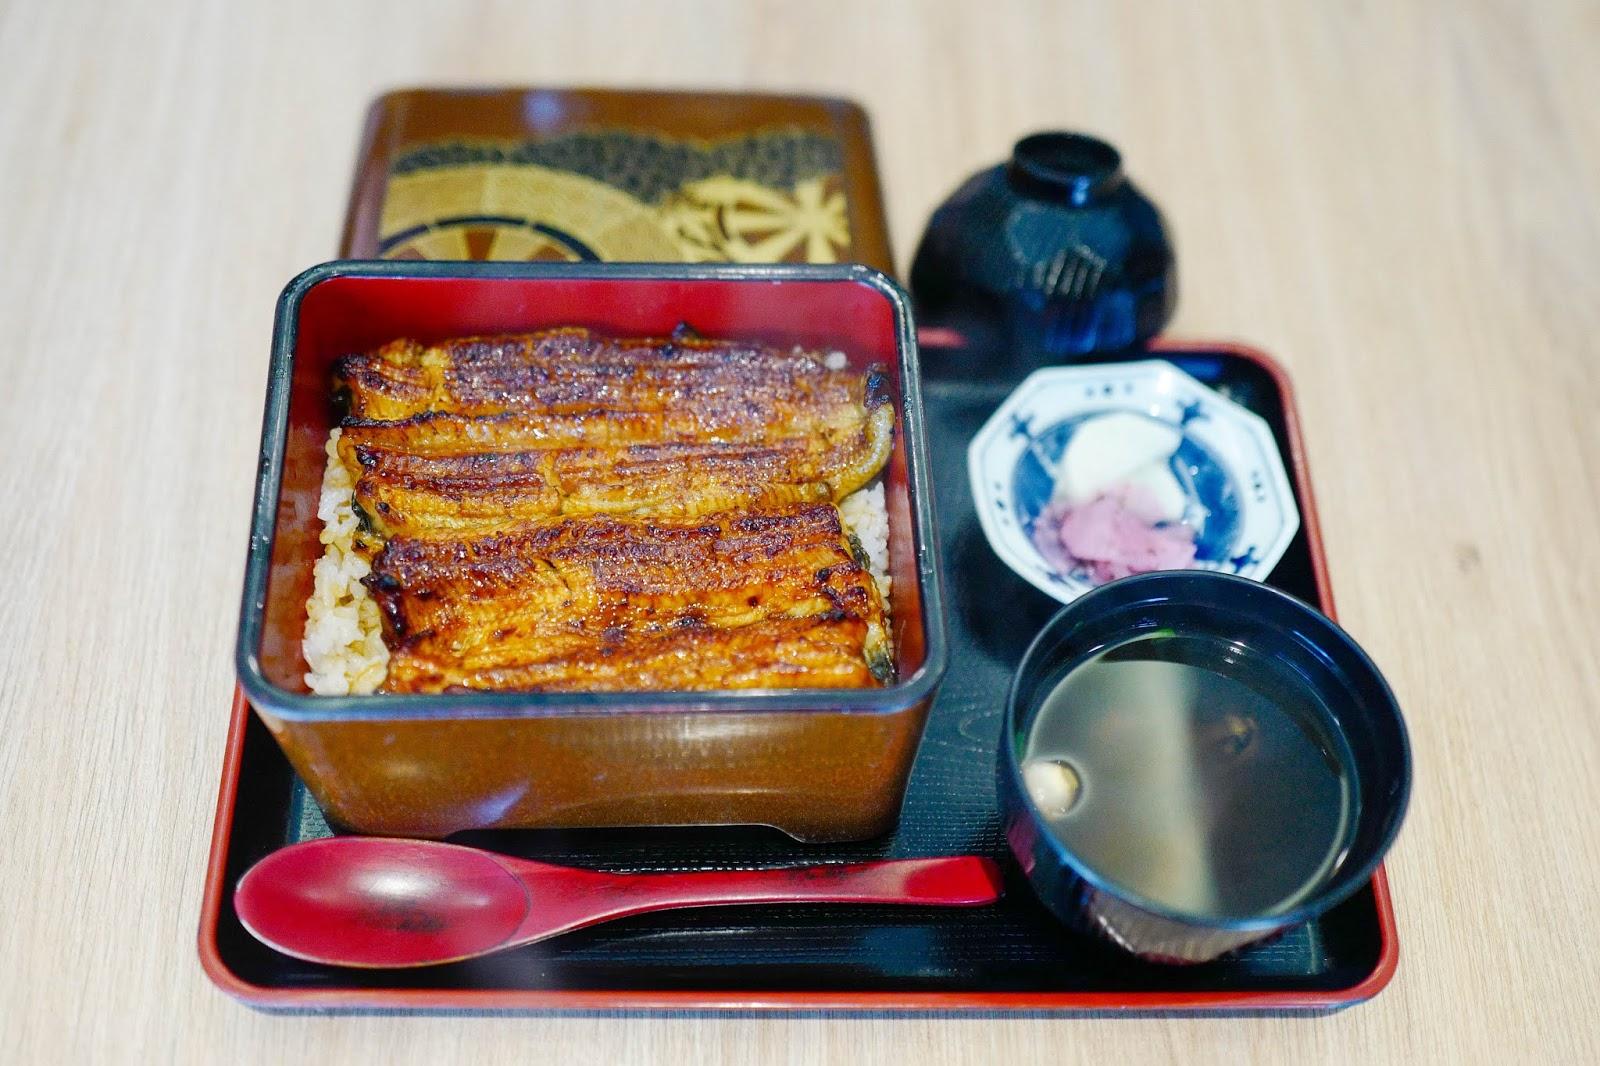 makoto japanese cuisine, desa sri hartamas